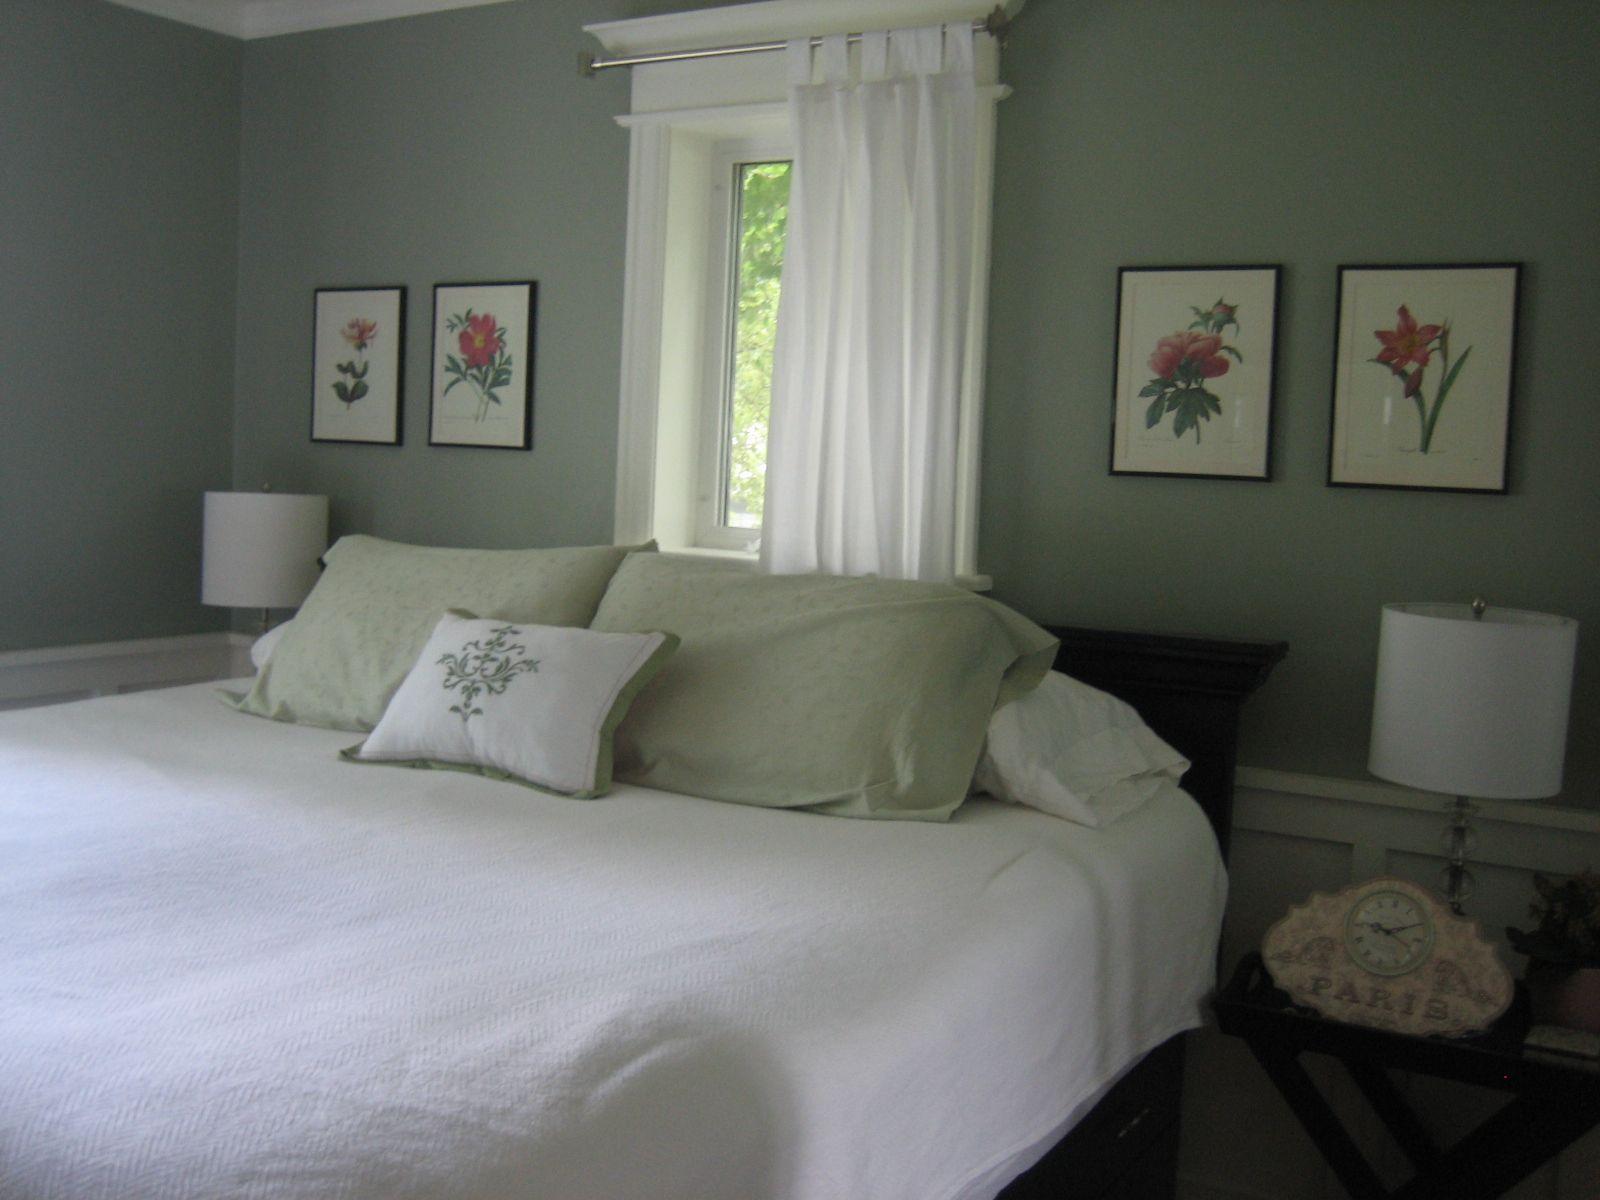 Choosing Paint Colors Sage Green Bedroom Green Bedroom Design Best Bedroom Paint Colors